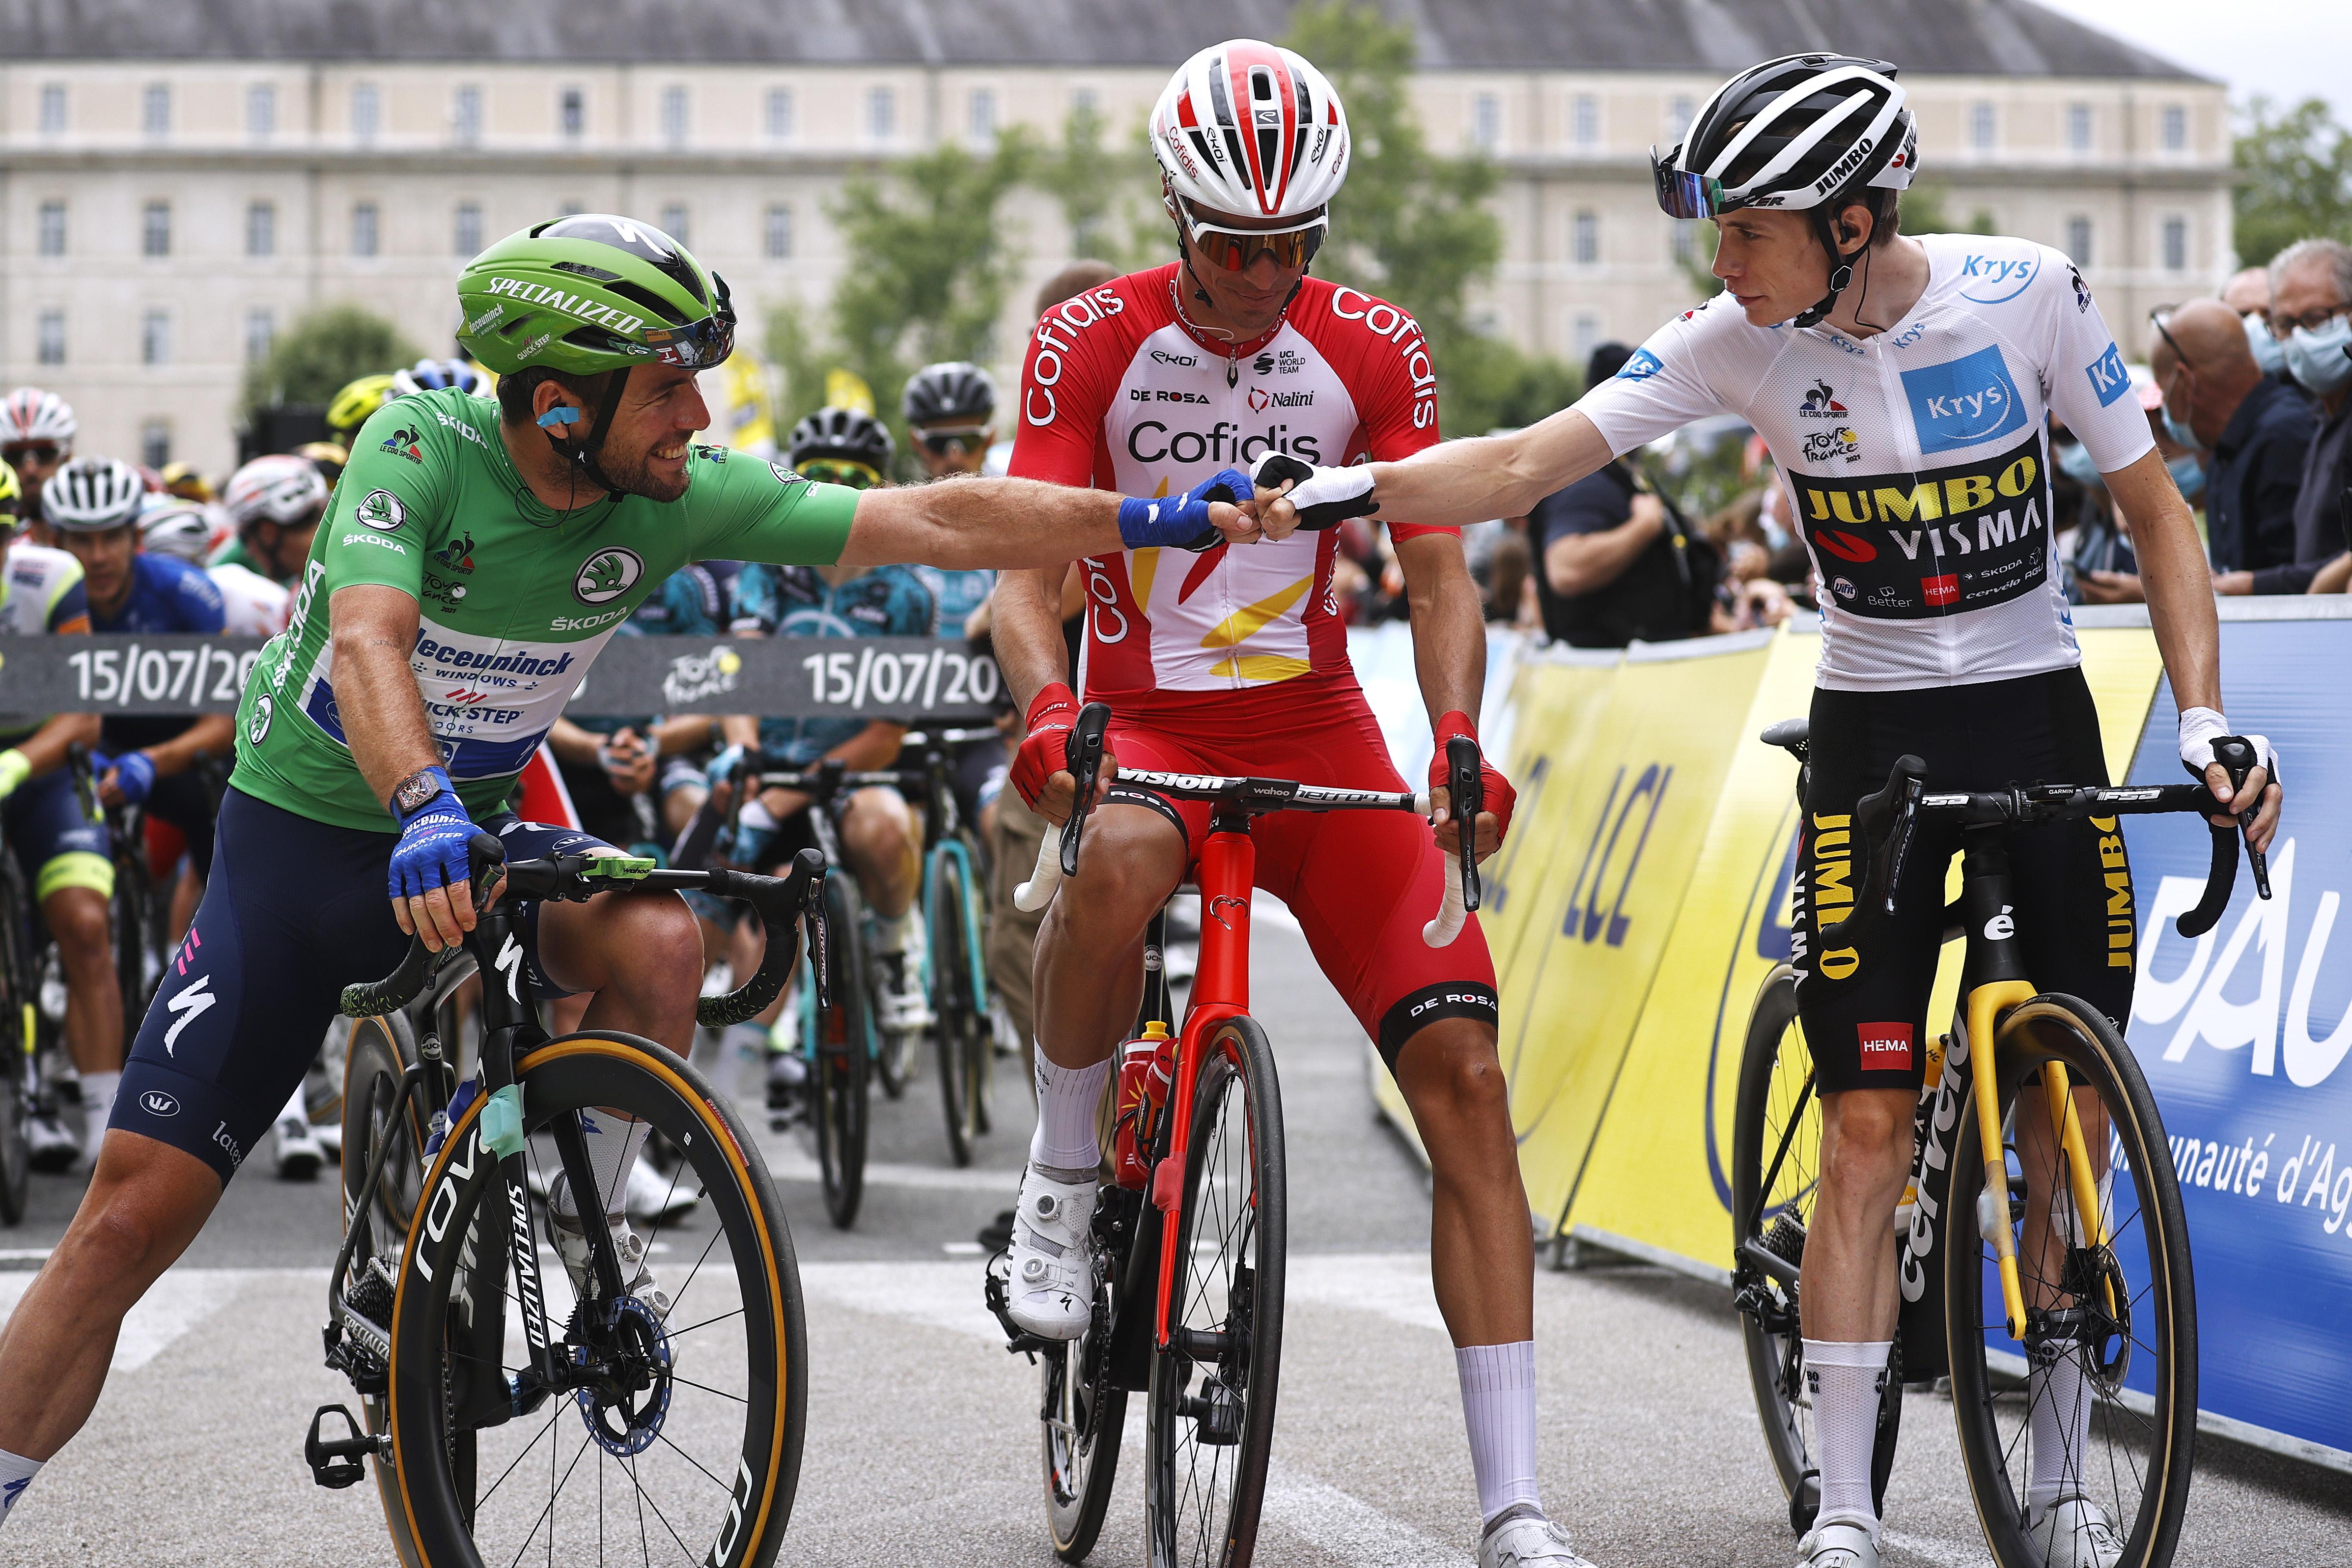 108th Tour de France 2021 - Stage 18